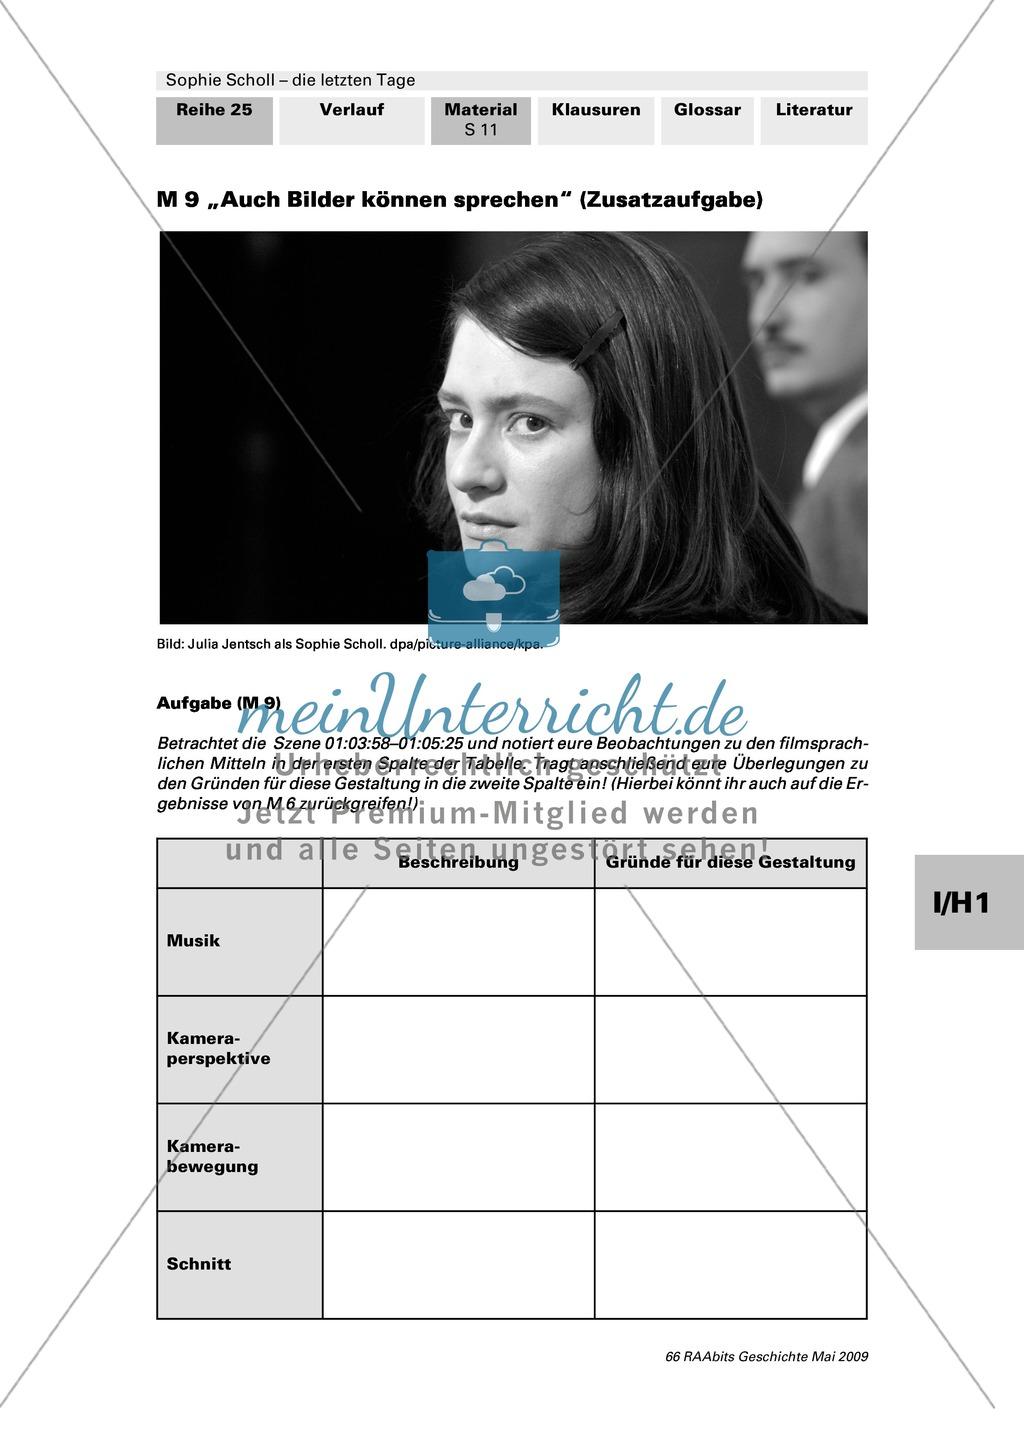 Sophie Scholl - die letzten Tage: Analyse der Filmsprache. Annäherung an Sophies Gedanken und Gefühle Preview 3